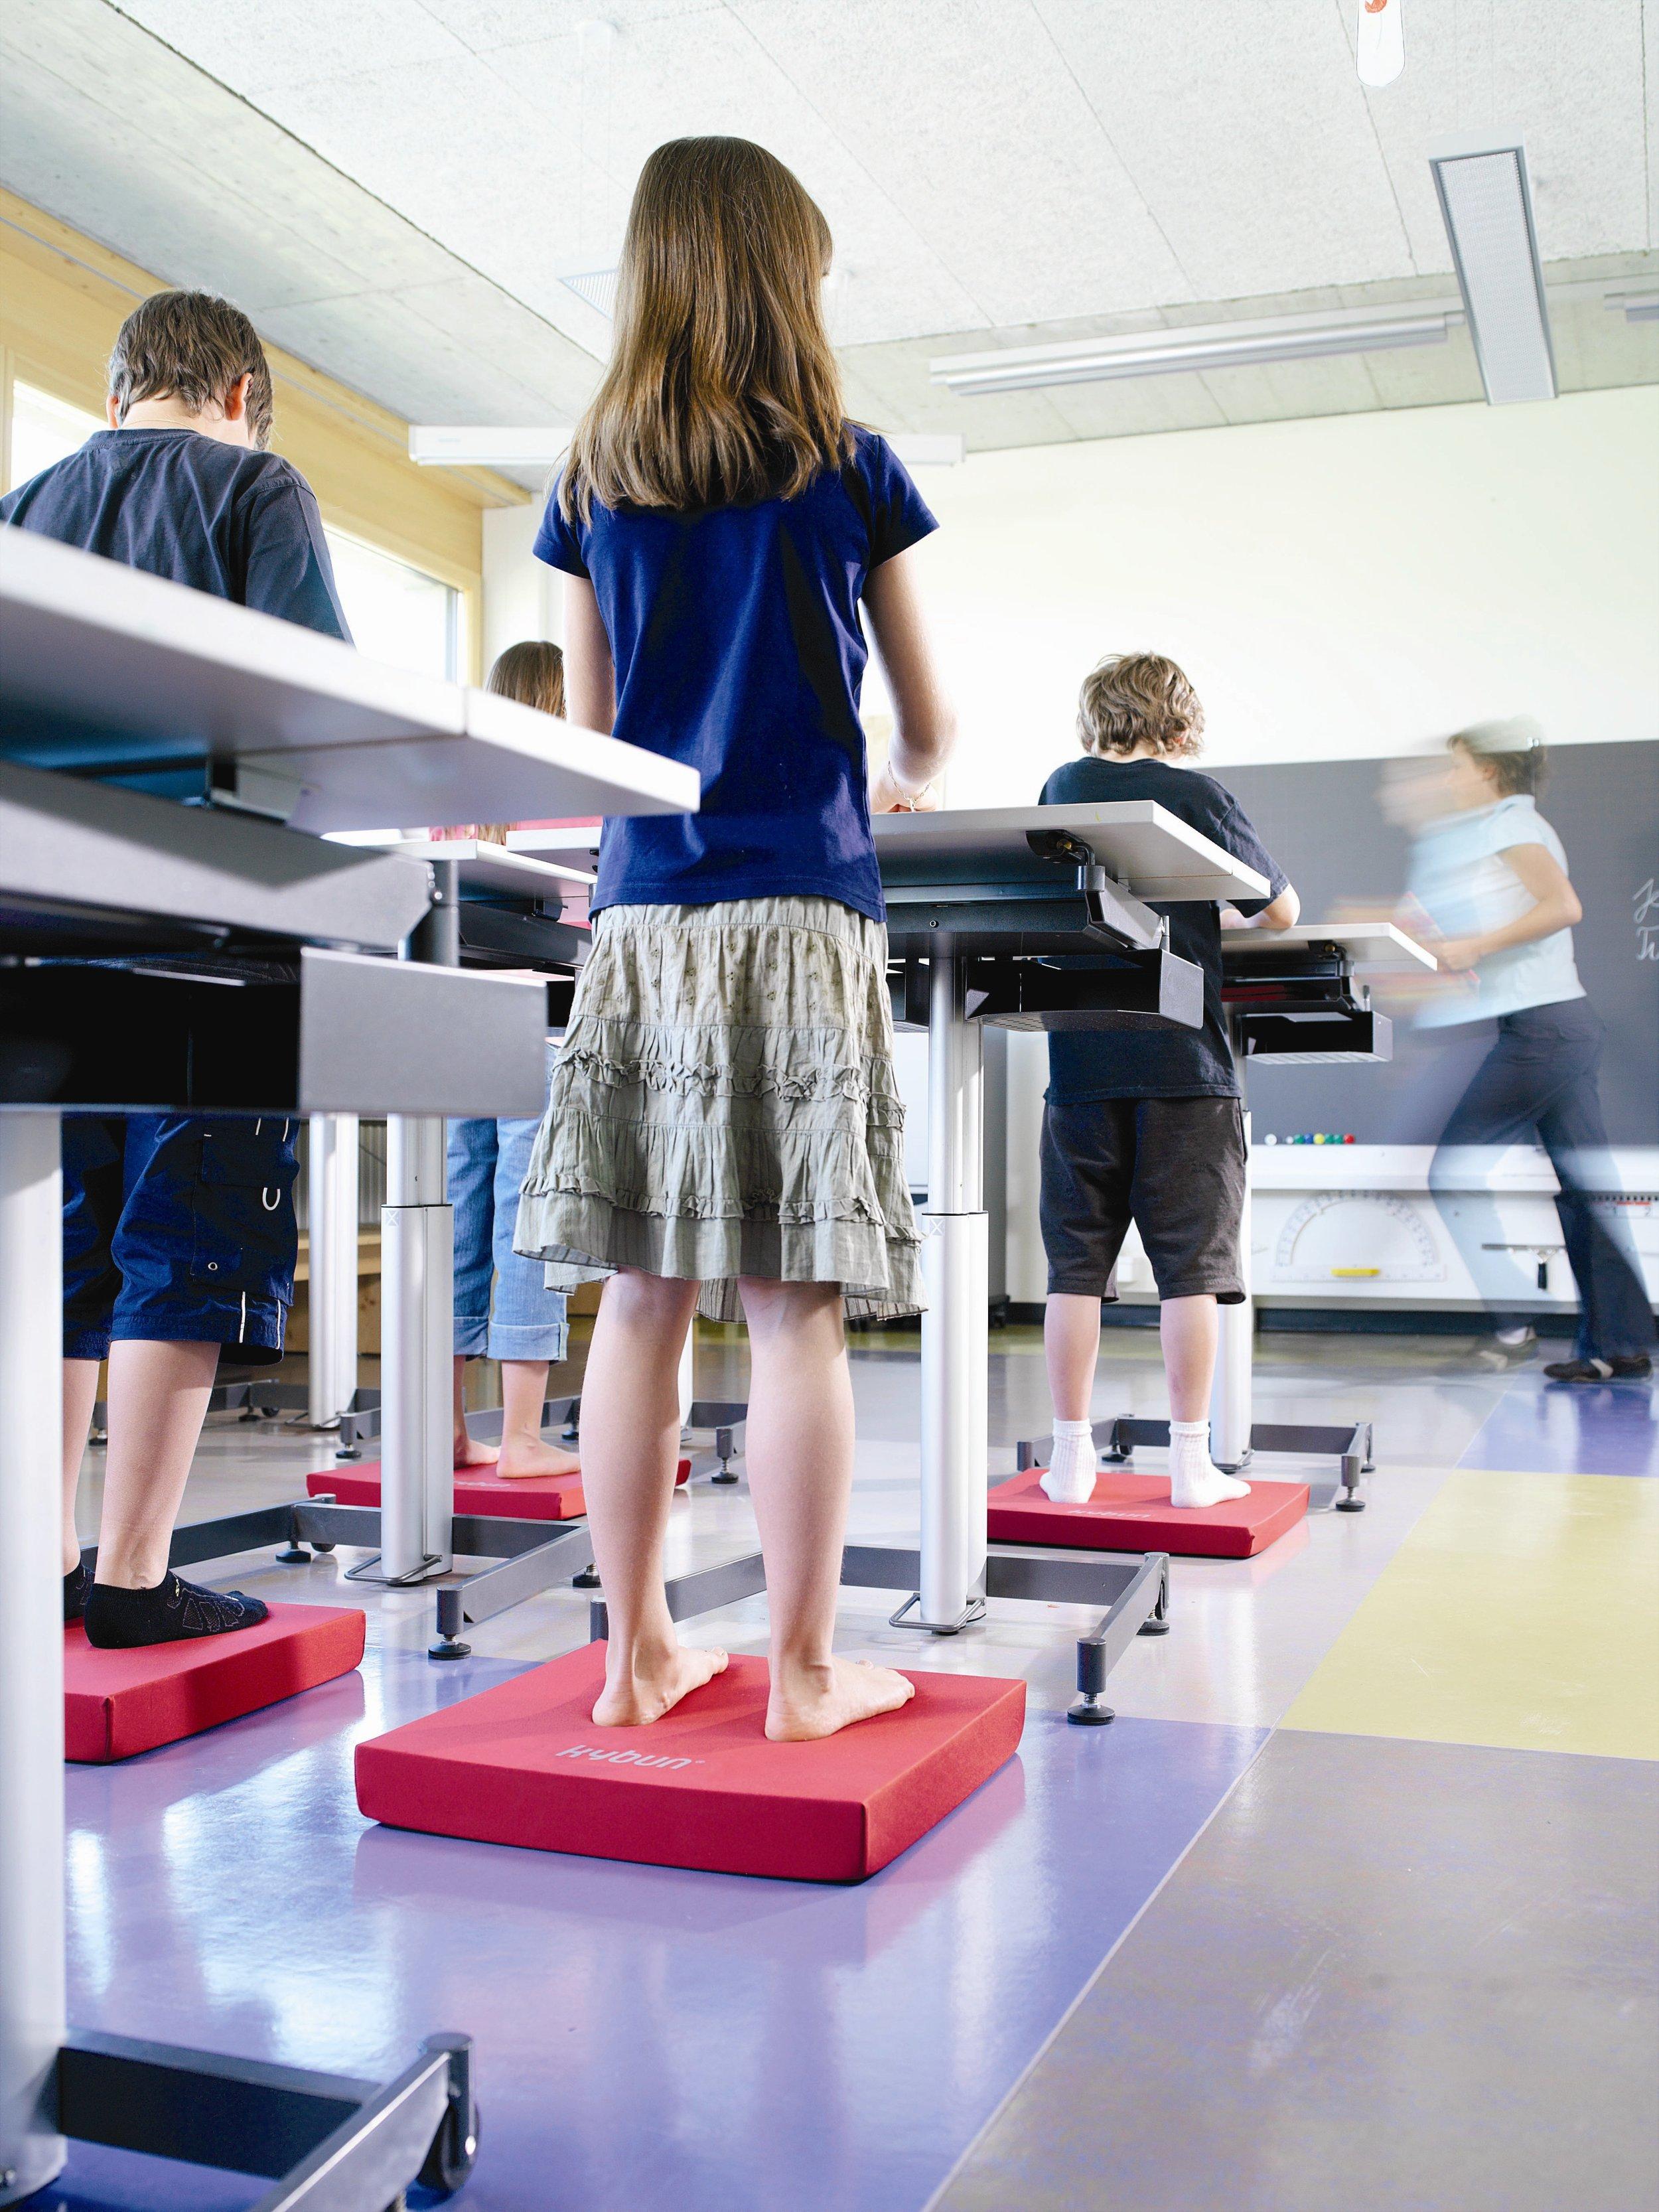 kyBounder i skolan! - Erfarenheter från skolor visar att eleverna presterar bättre, har bättre koncentrationsförmåga och mår bättre i allmänhet där kyBounder används.